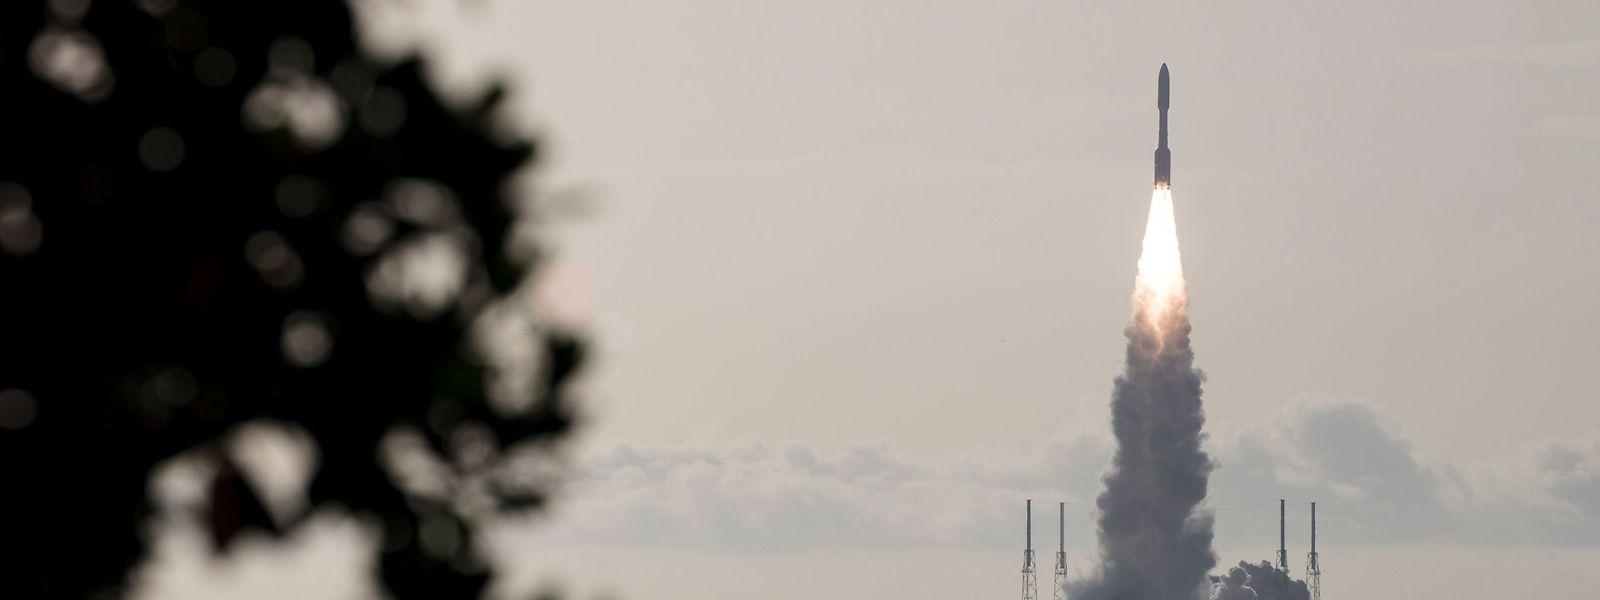 Die Atlas-V-Trägerrakete beim Start.